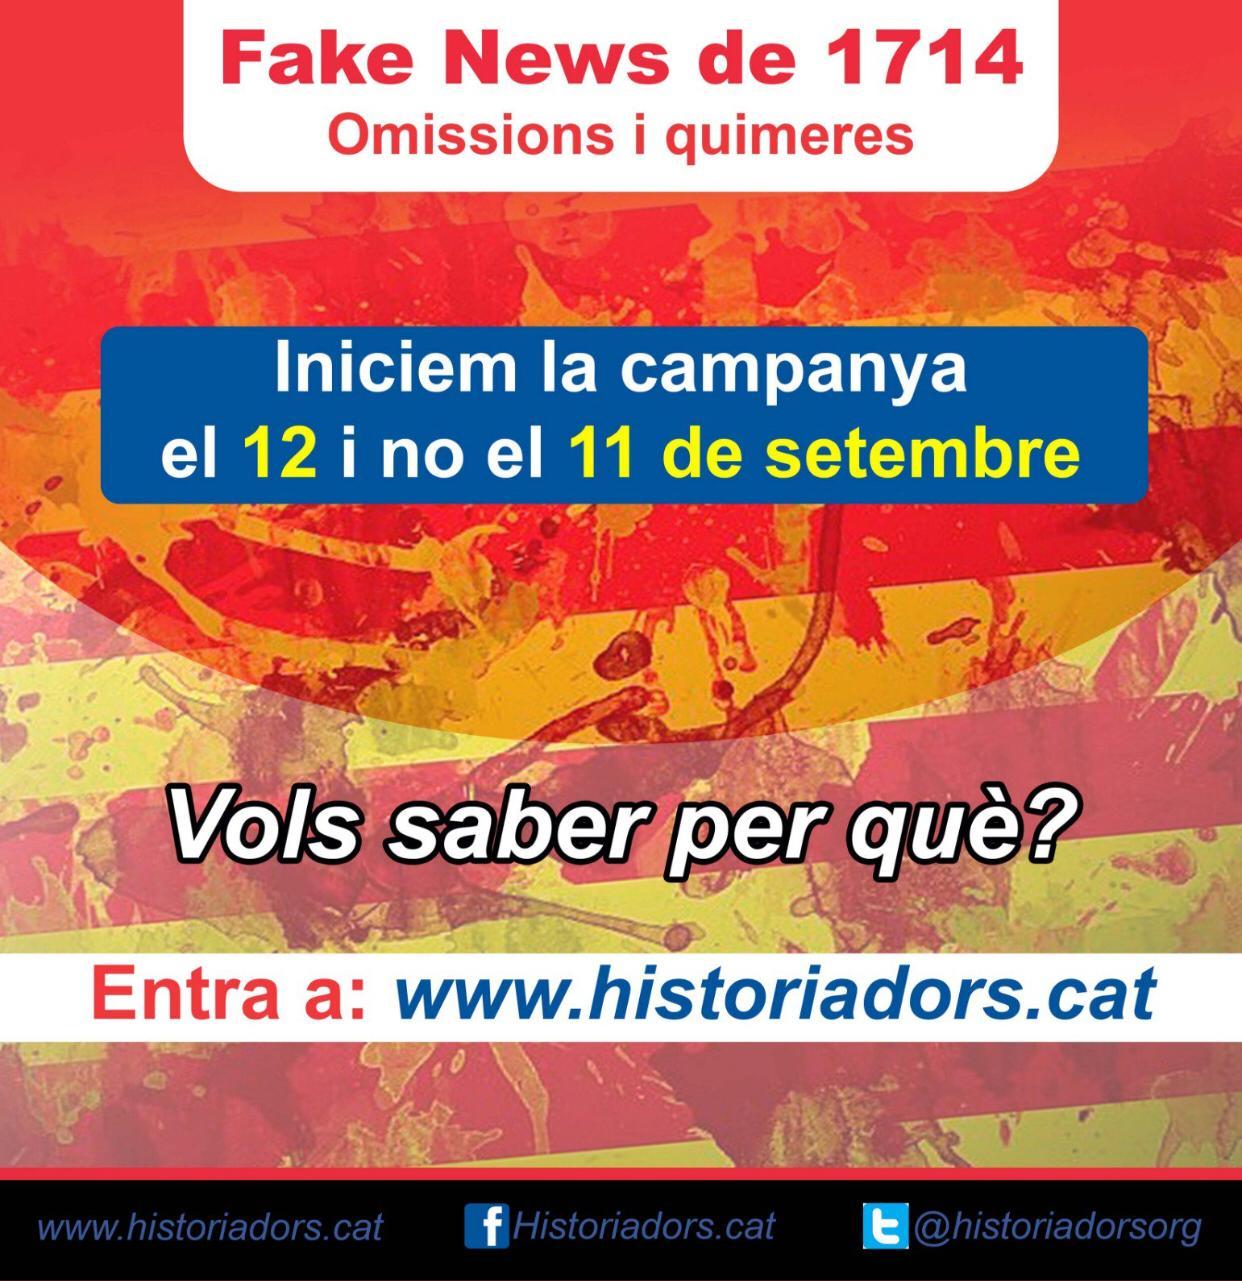 La Diada es una 'fake news', Barcelona no capituló el 11-S de 1714 ante las tropas borbónicas | El Catalán